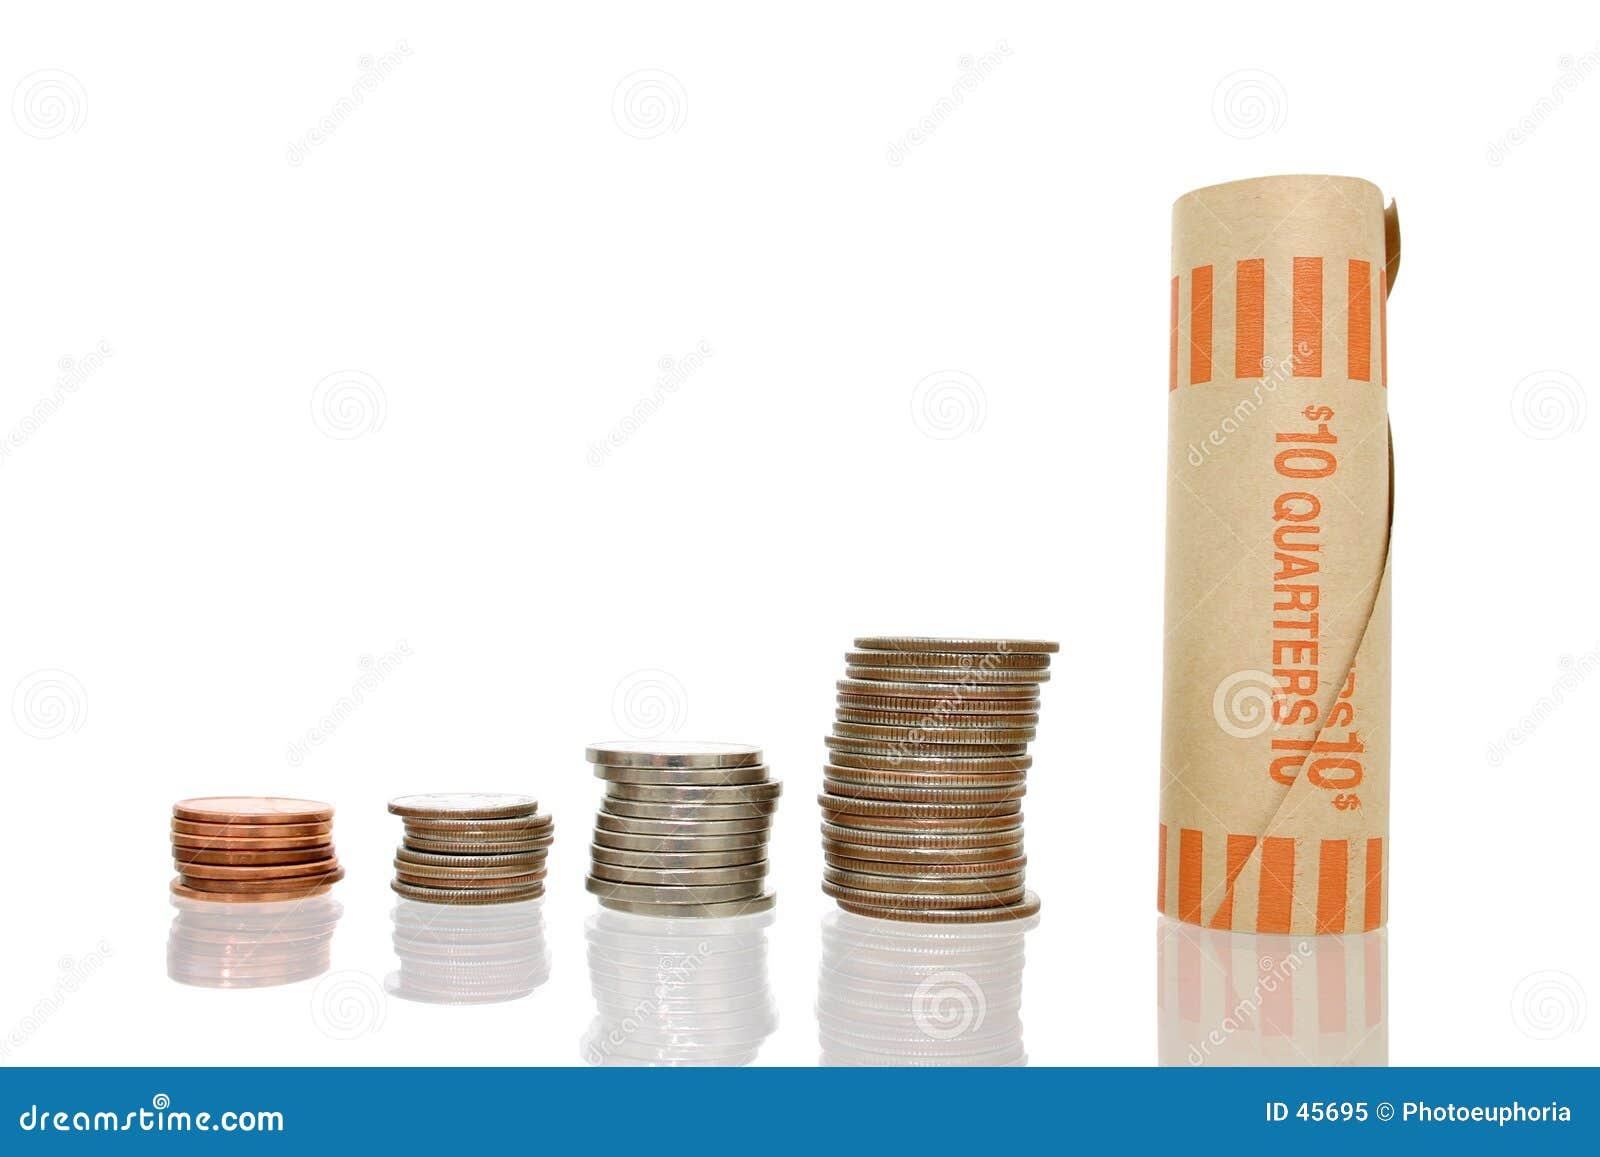 硬币货币堆积封皮